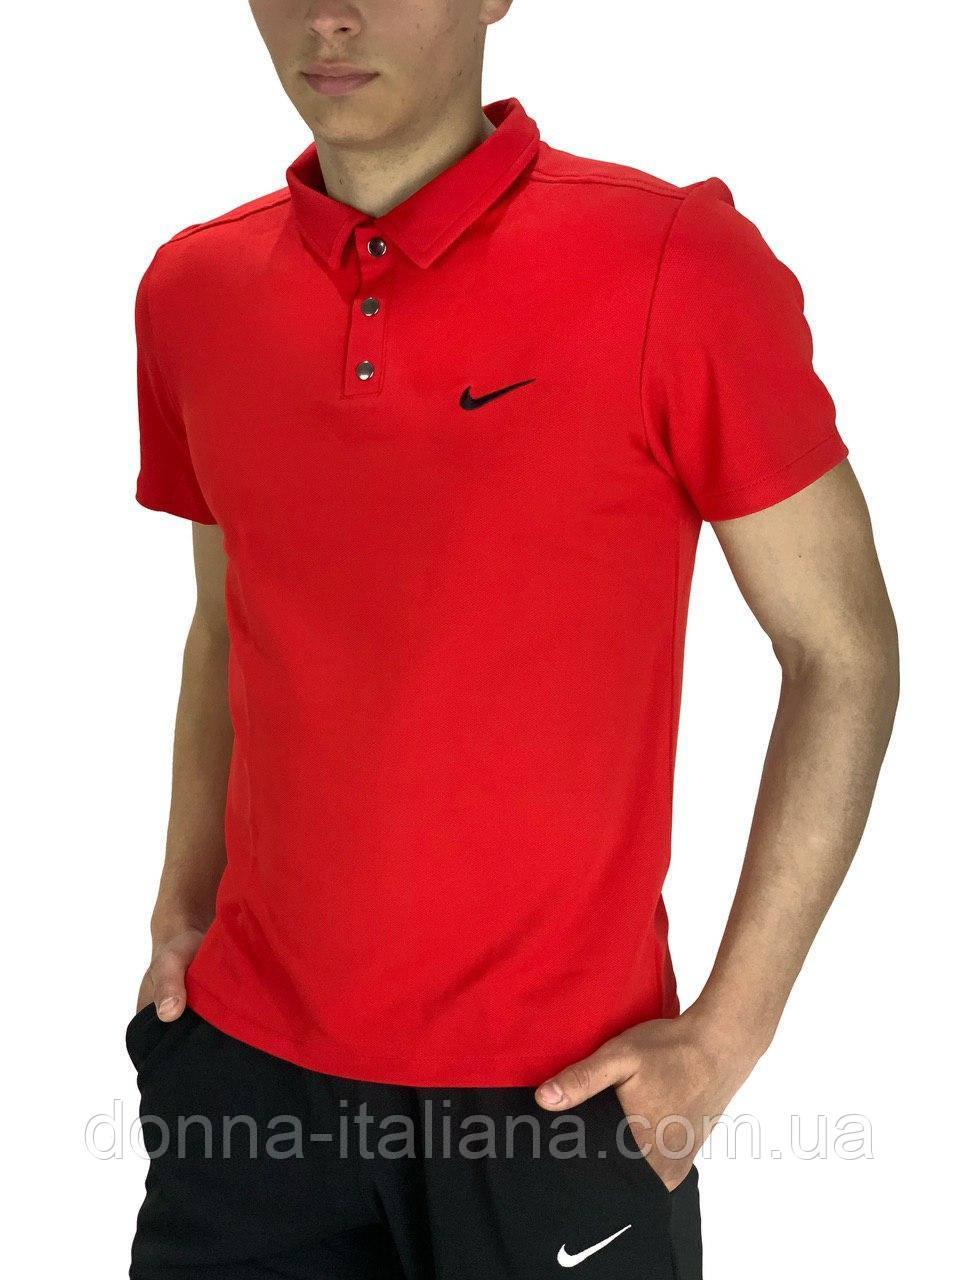 Футболка Polo Nike Реплика S Красный (Polo_Reebok_red 1)